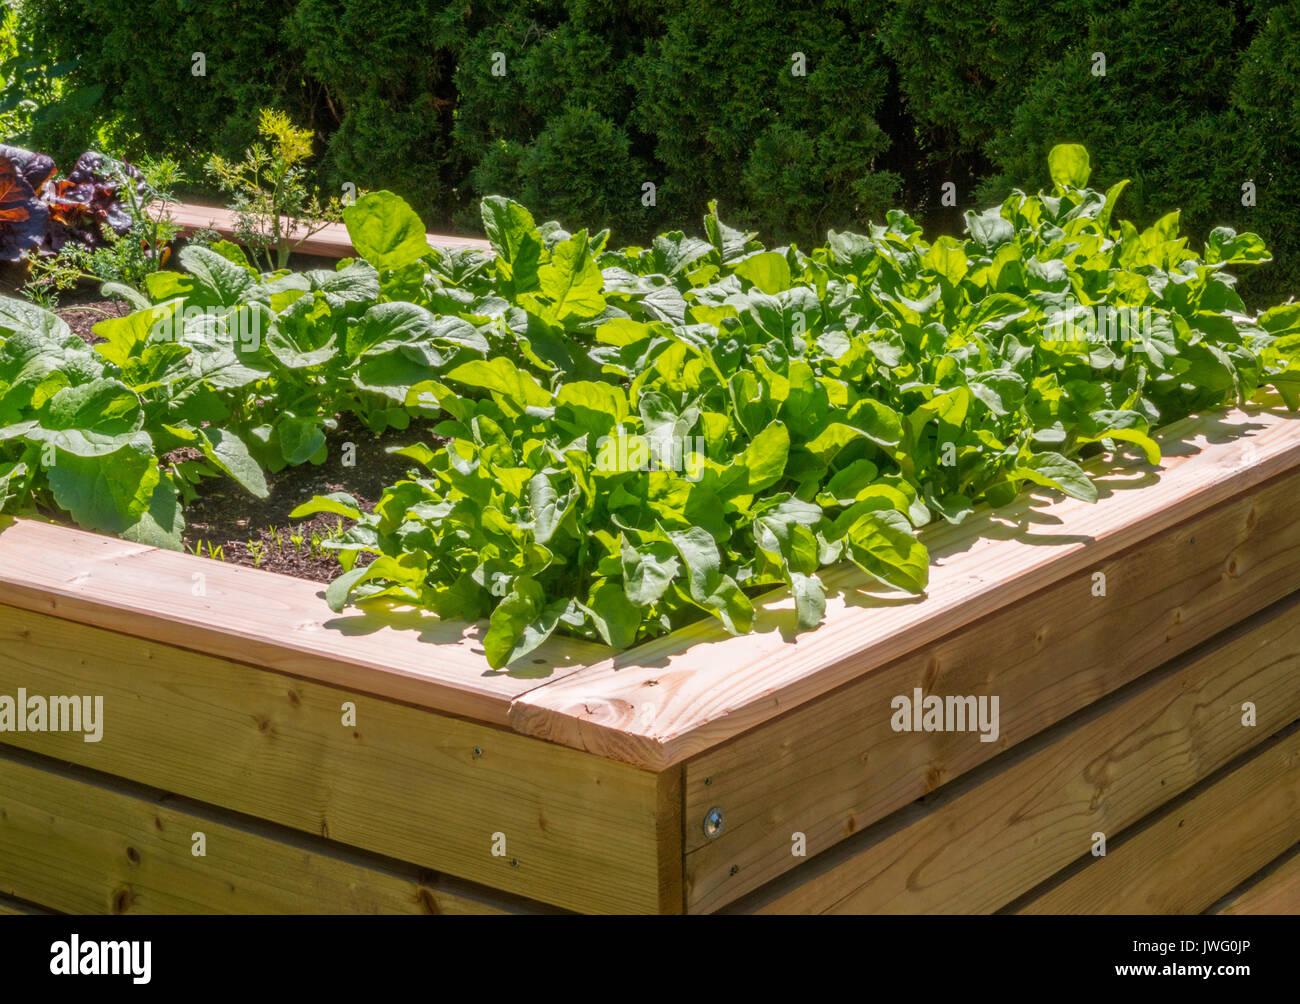 Hochbeet Mit Salatpflanzen Im Krautergarten Am Kloster Inzigkofen